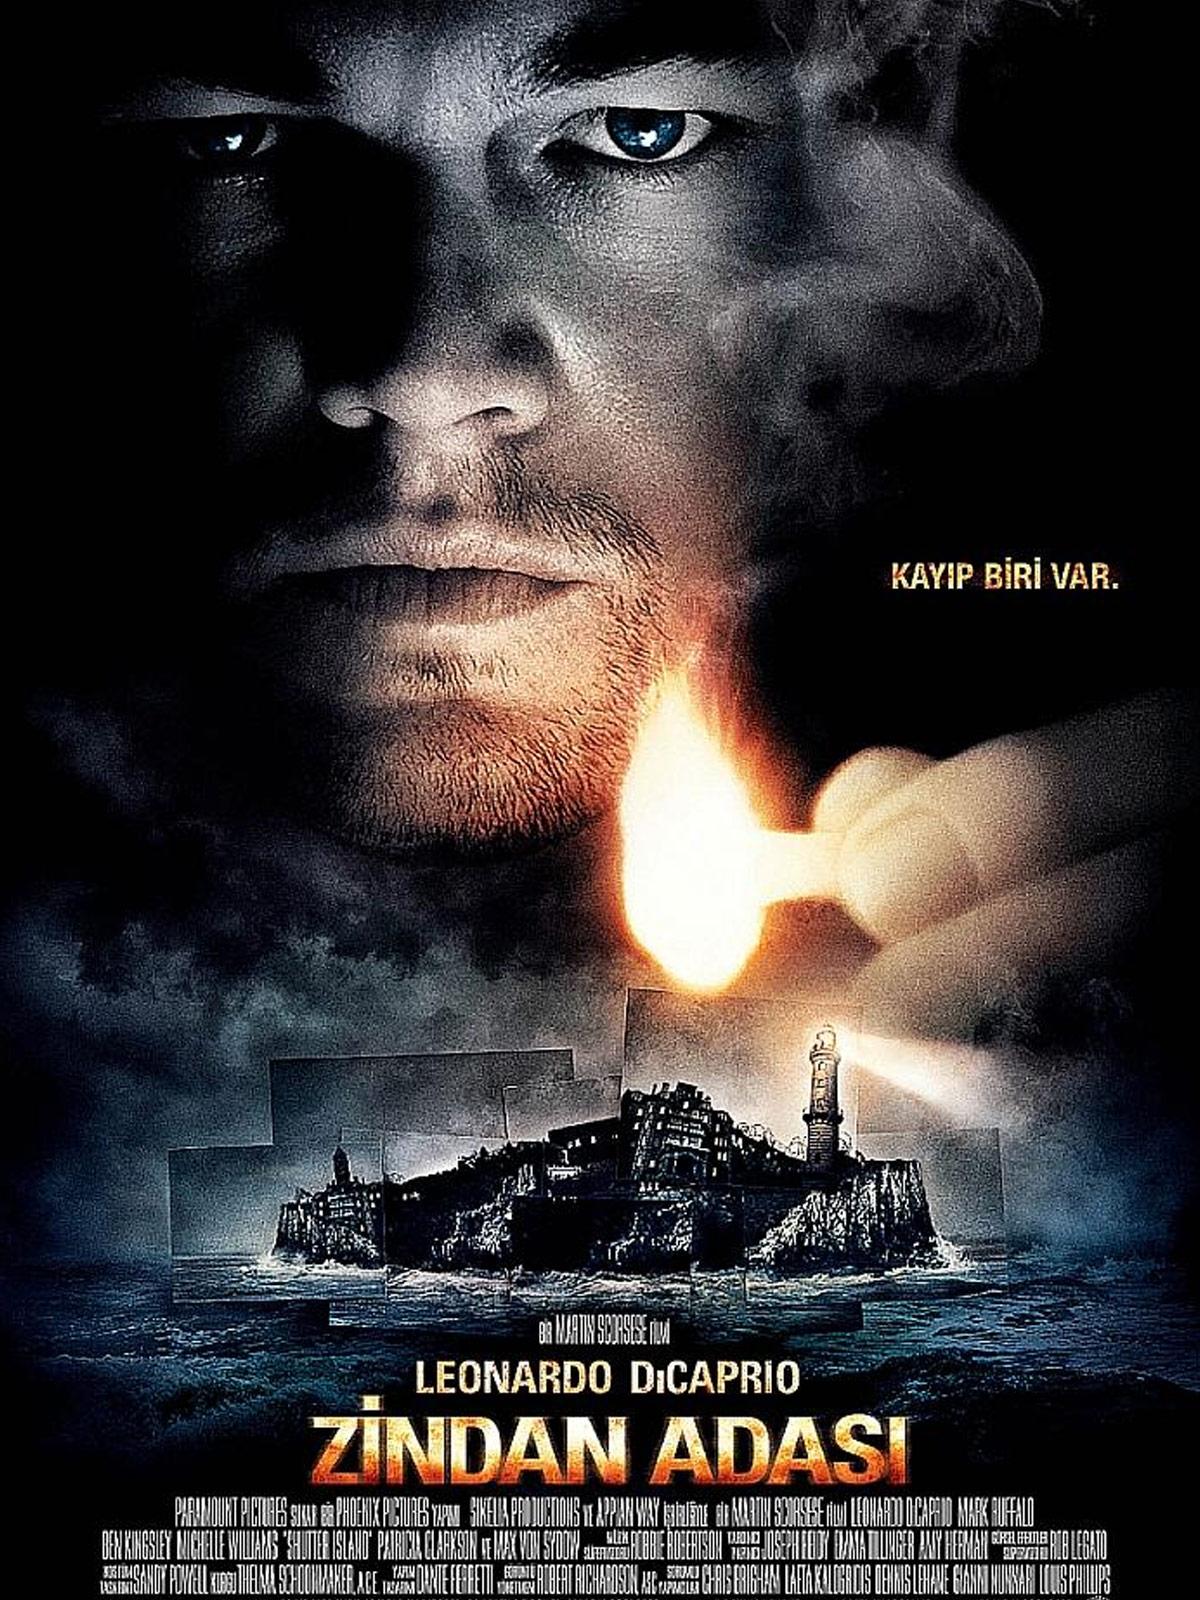 Zindan Adası Filmi Için Benzer Filmler Beyazperdecom